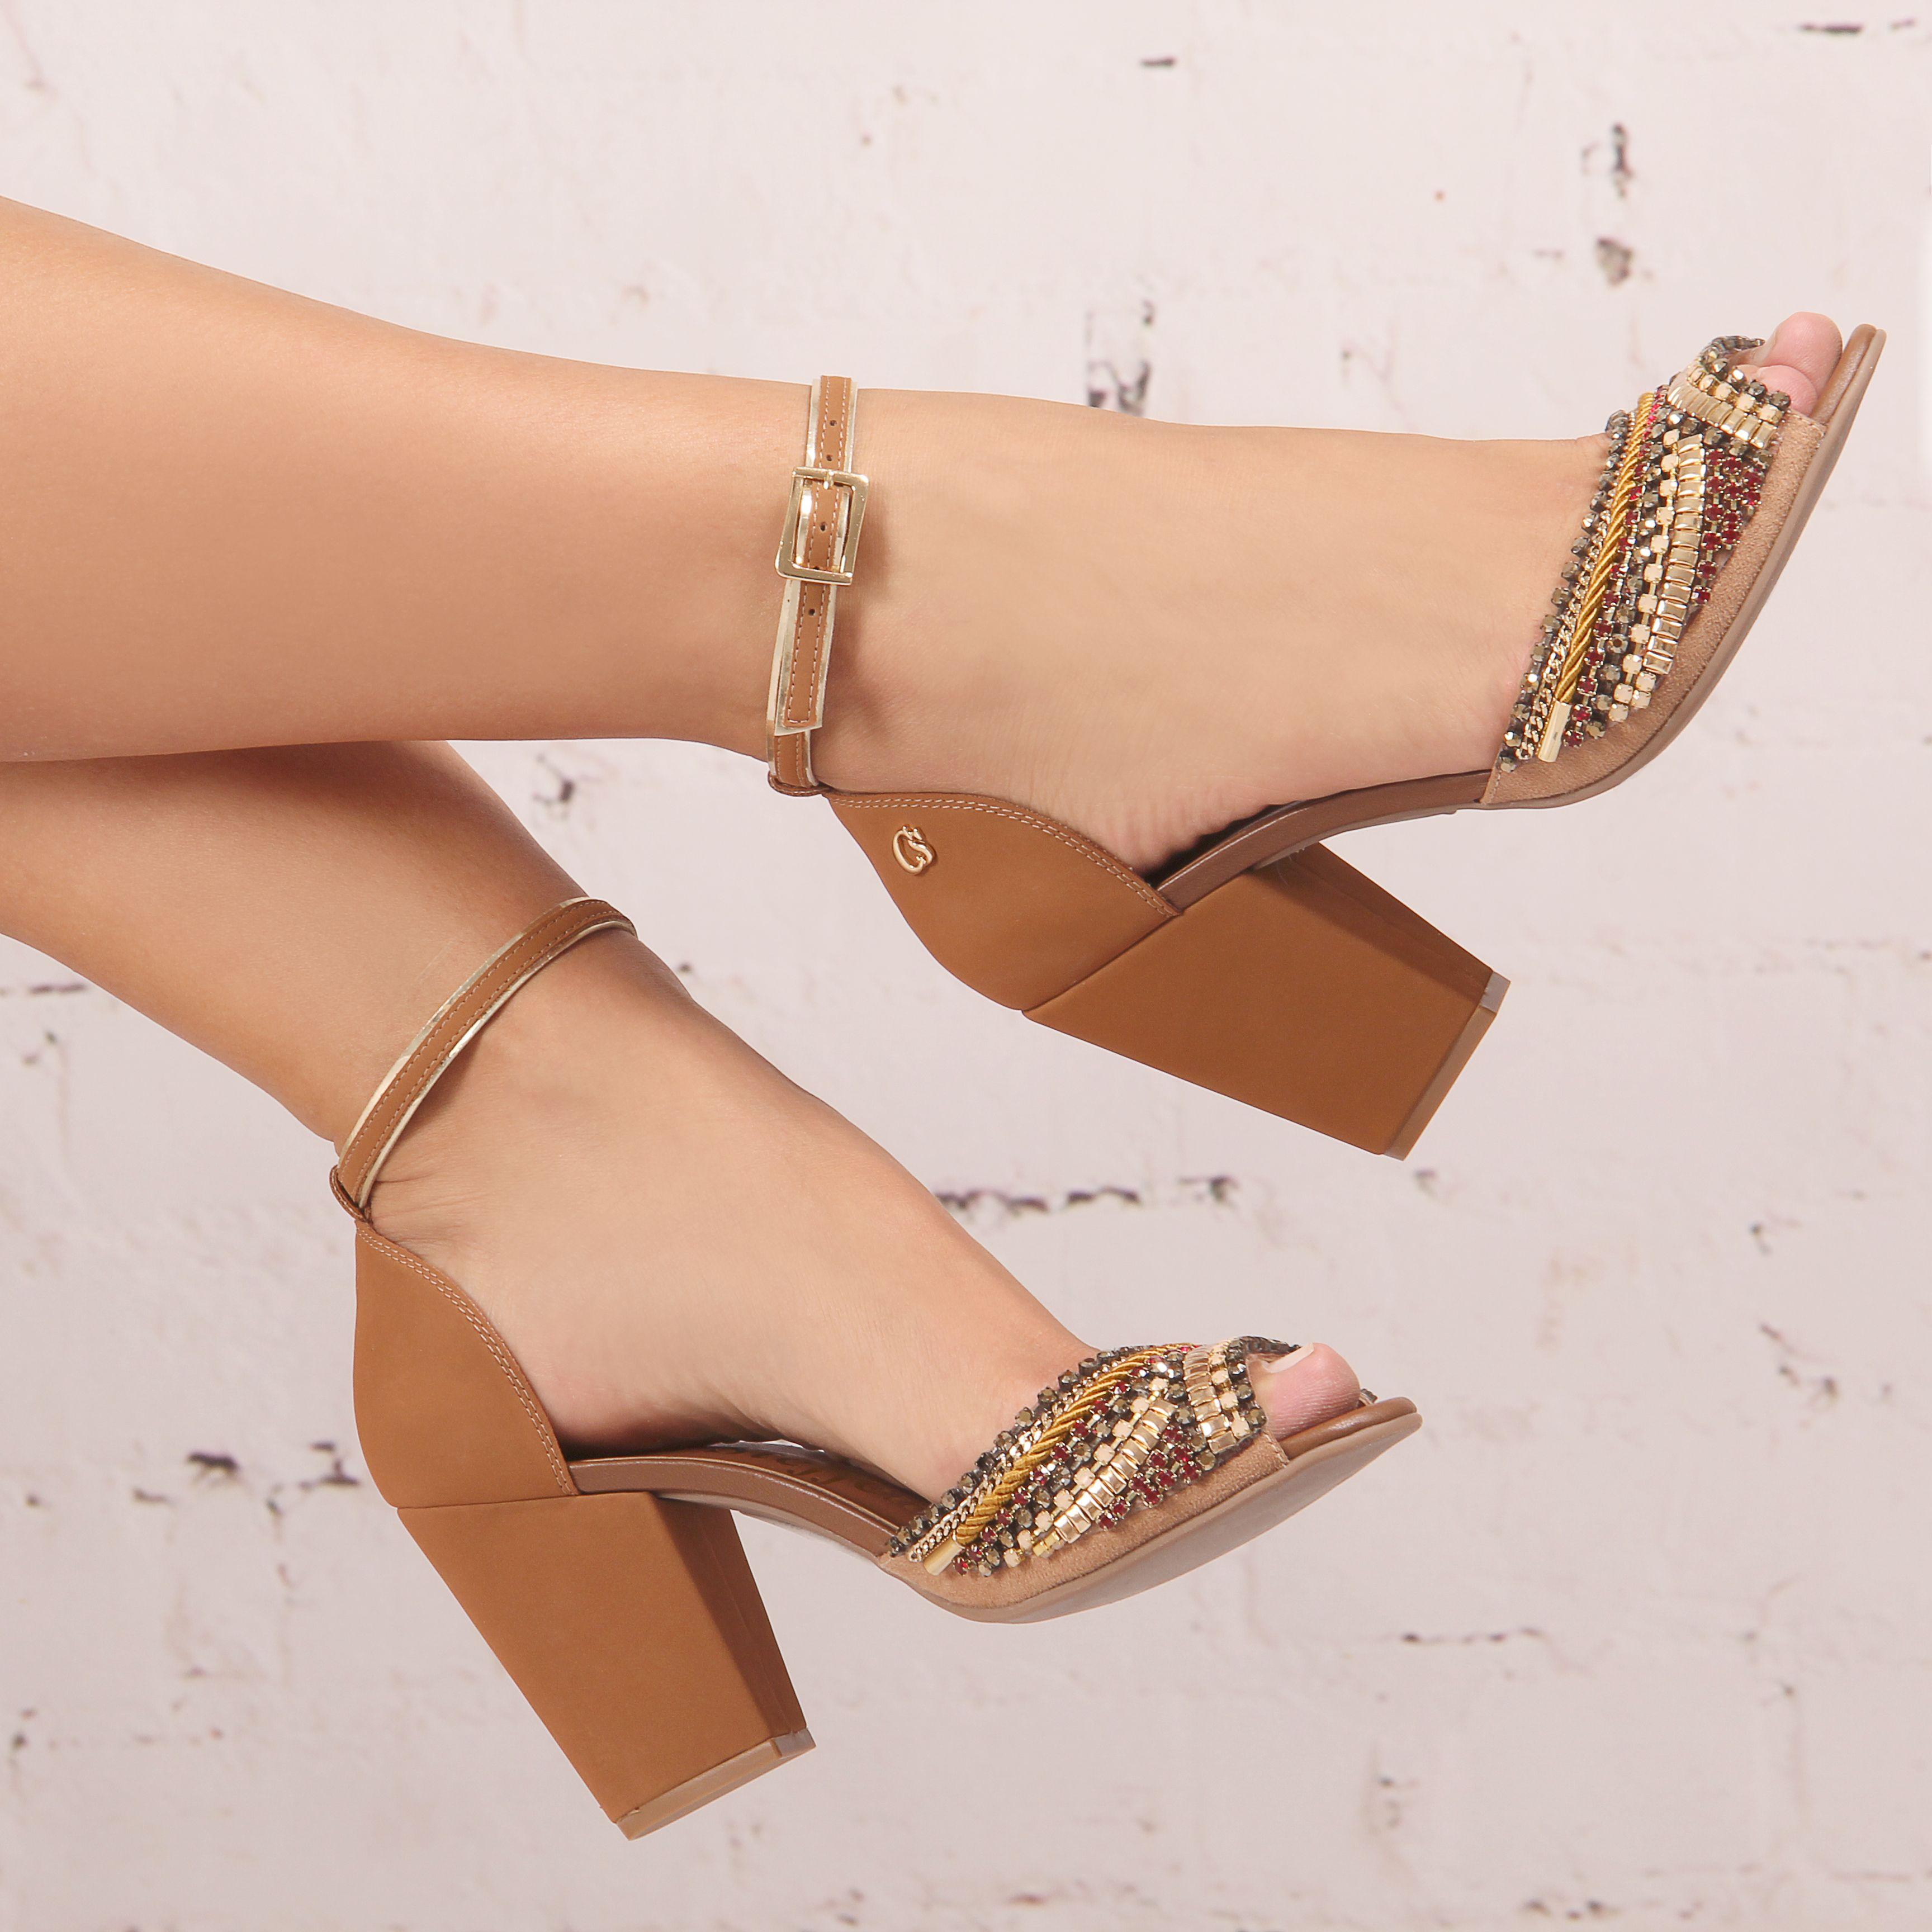 369bf30ba Confira lindos scarpins, sandálias, bolsas, acessórios e roupas exclusivas  da grife Carmen Steffens. Acesse o site e aproveite!